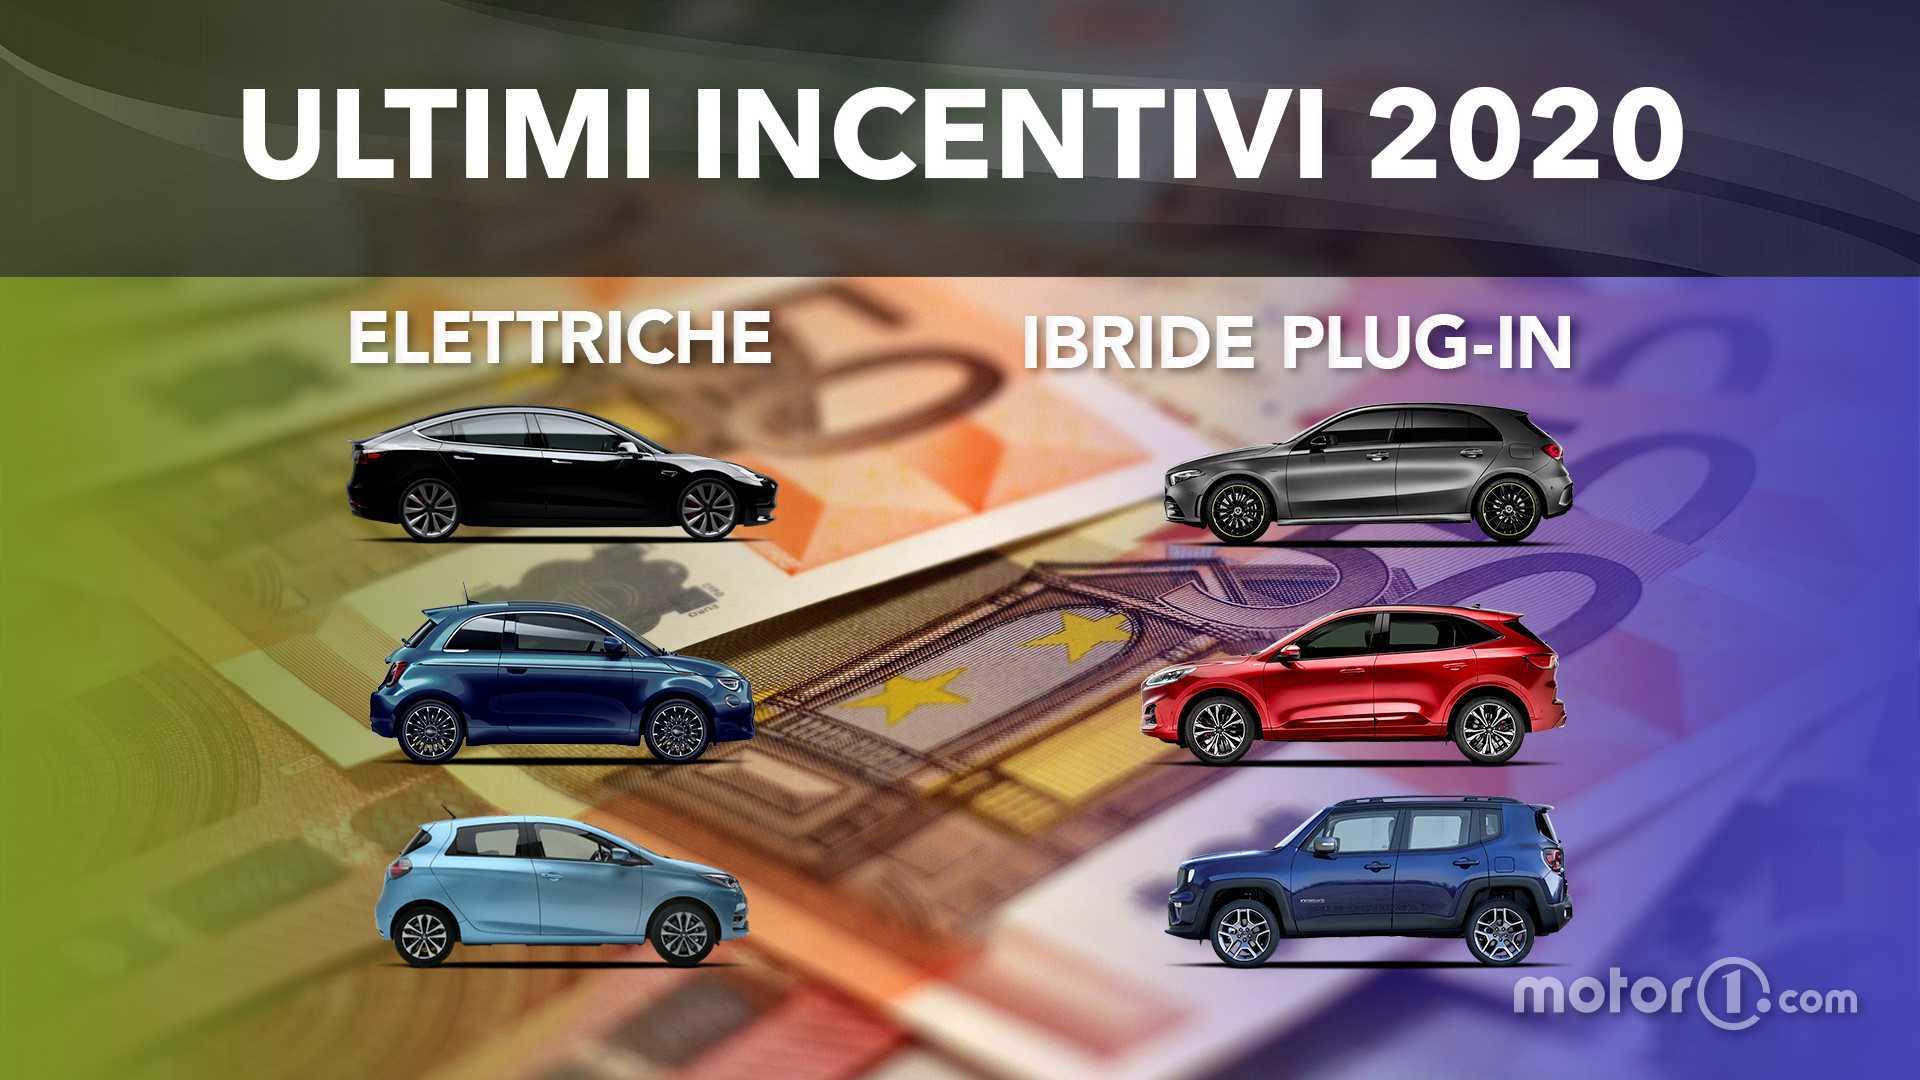 Ultimi incentivi auto 2020, i prezzi scontati di elettriche e plug-in